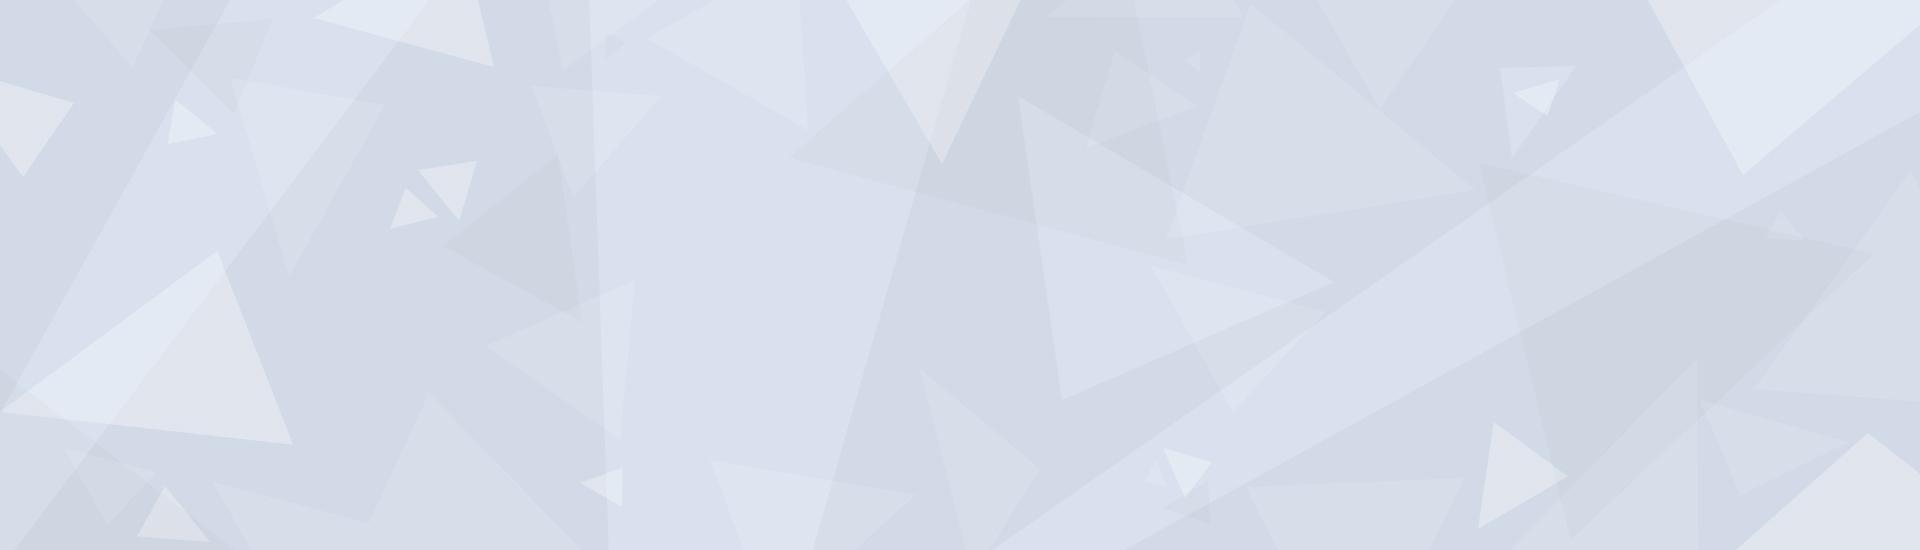 Lambda - VSLeague Online eSport